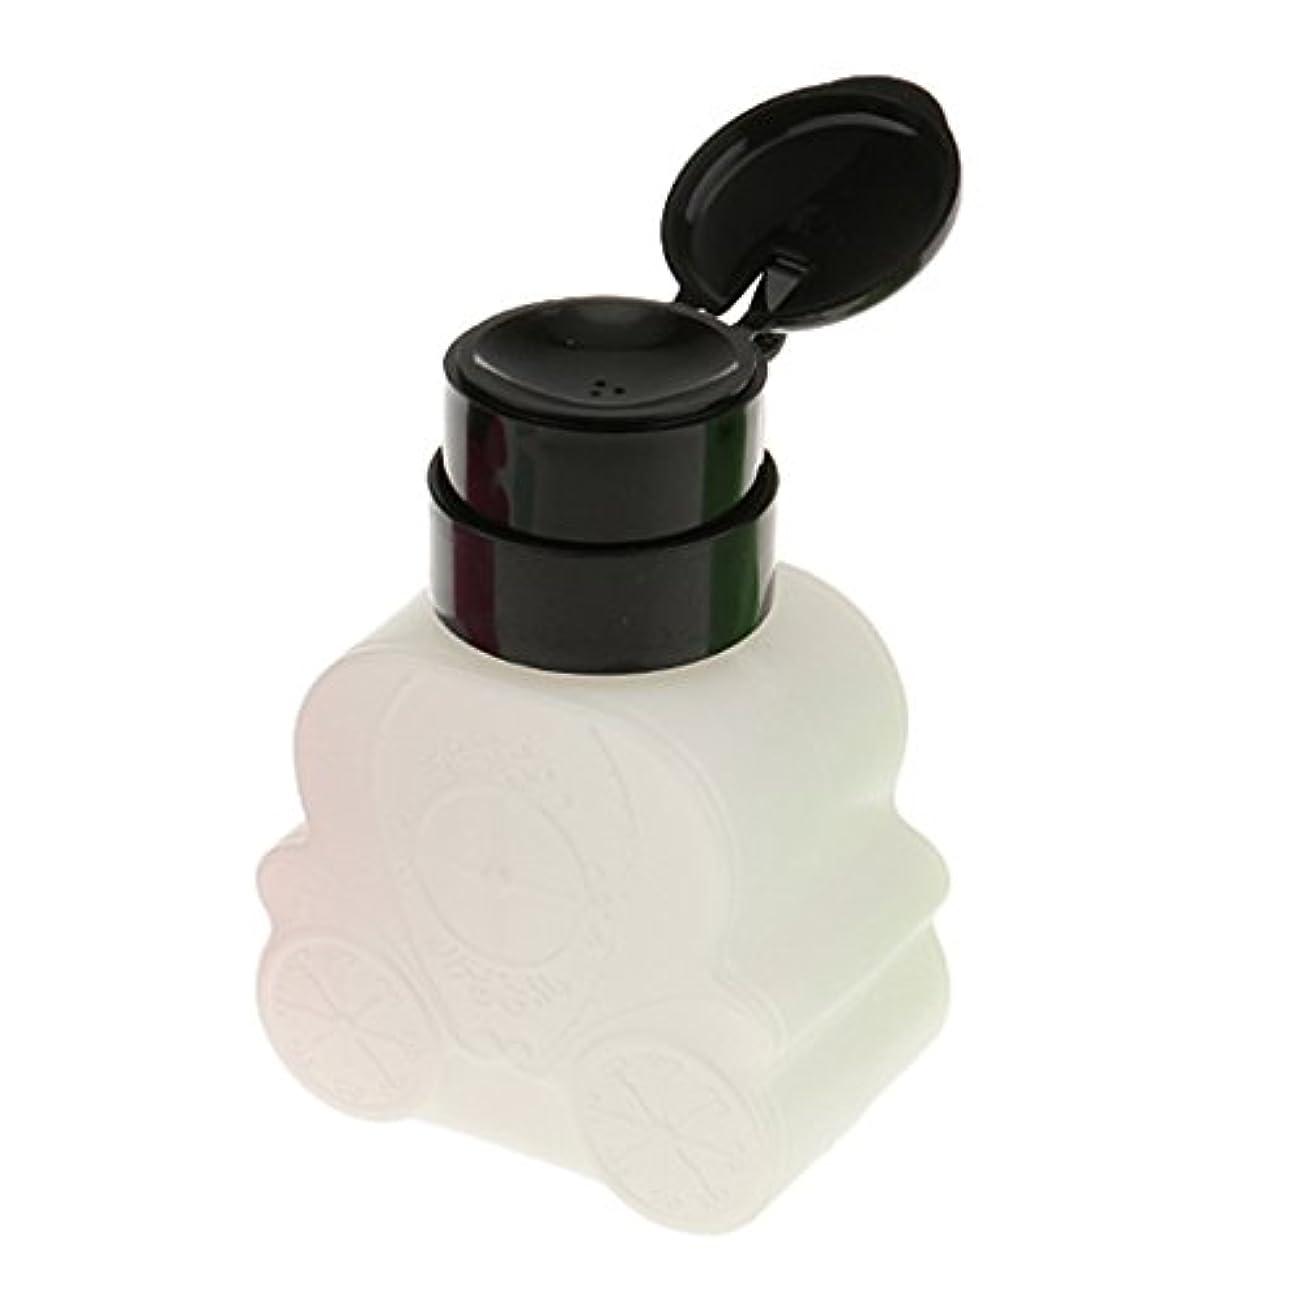 オセアニア憂鬱な貪欲ネイルクリーナーボトル ポンプ 車型 防揮発 耐久 ネイル清潔 便利 240ml